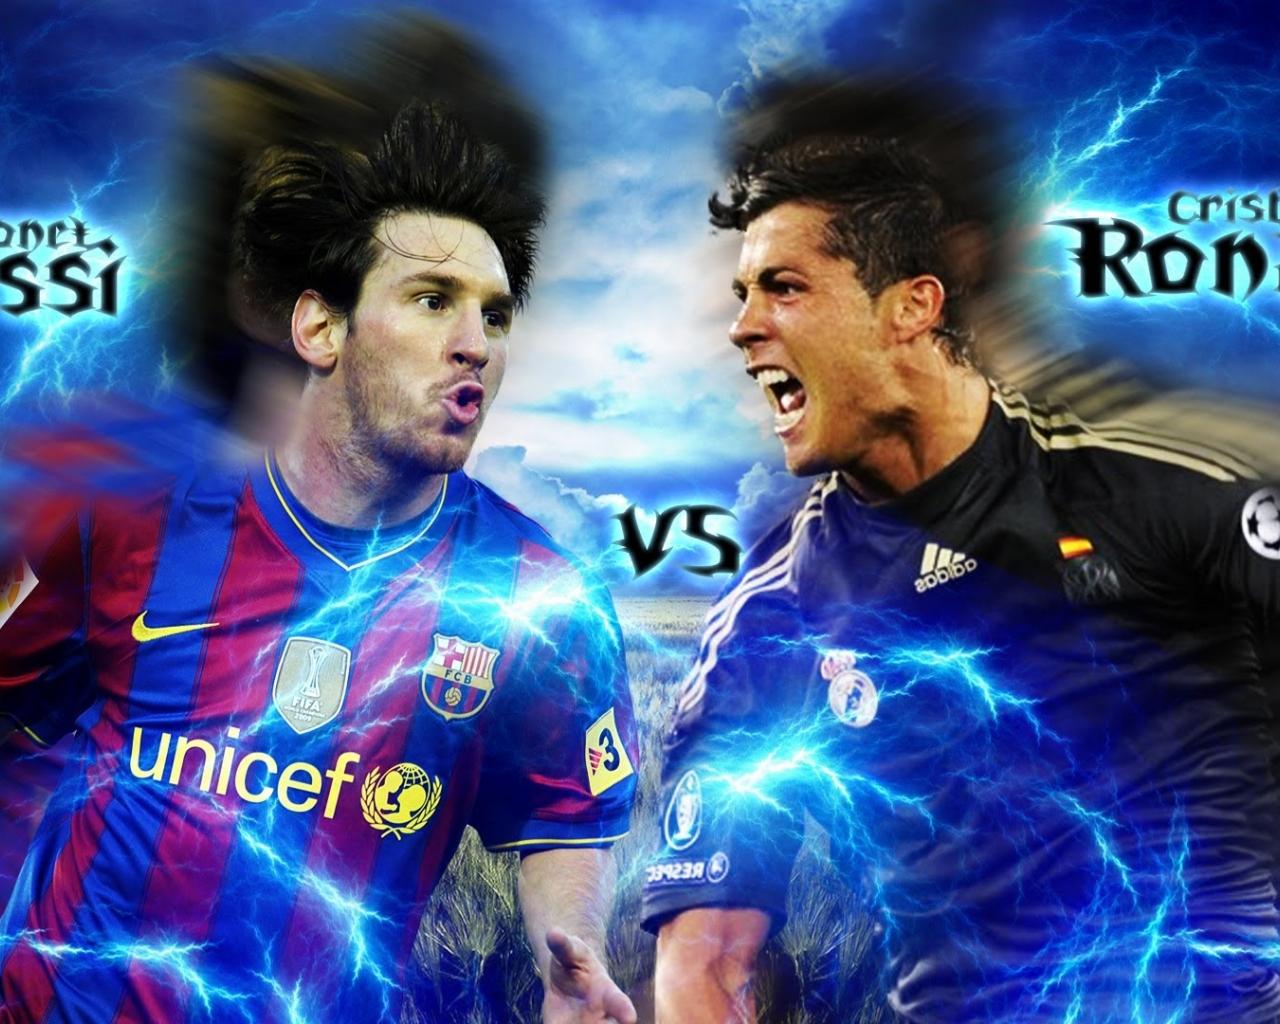 Lionel Messi Vs Cristiano Ronaldo Wallpaper In Adobe , HD Wallpaper & Backgrounds